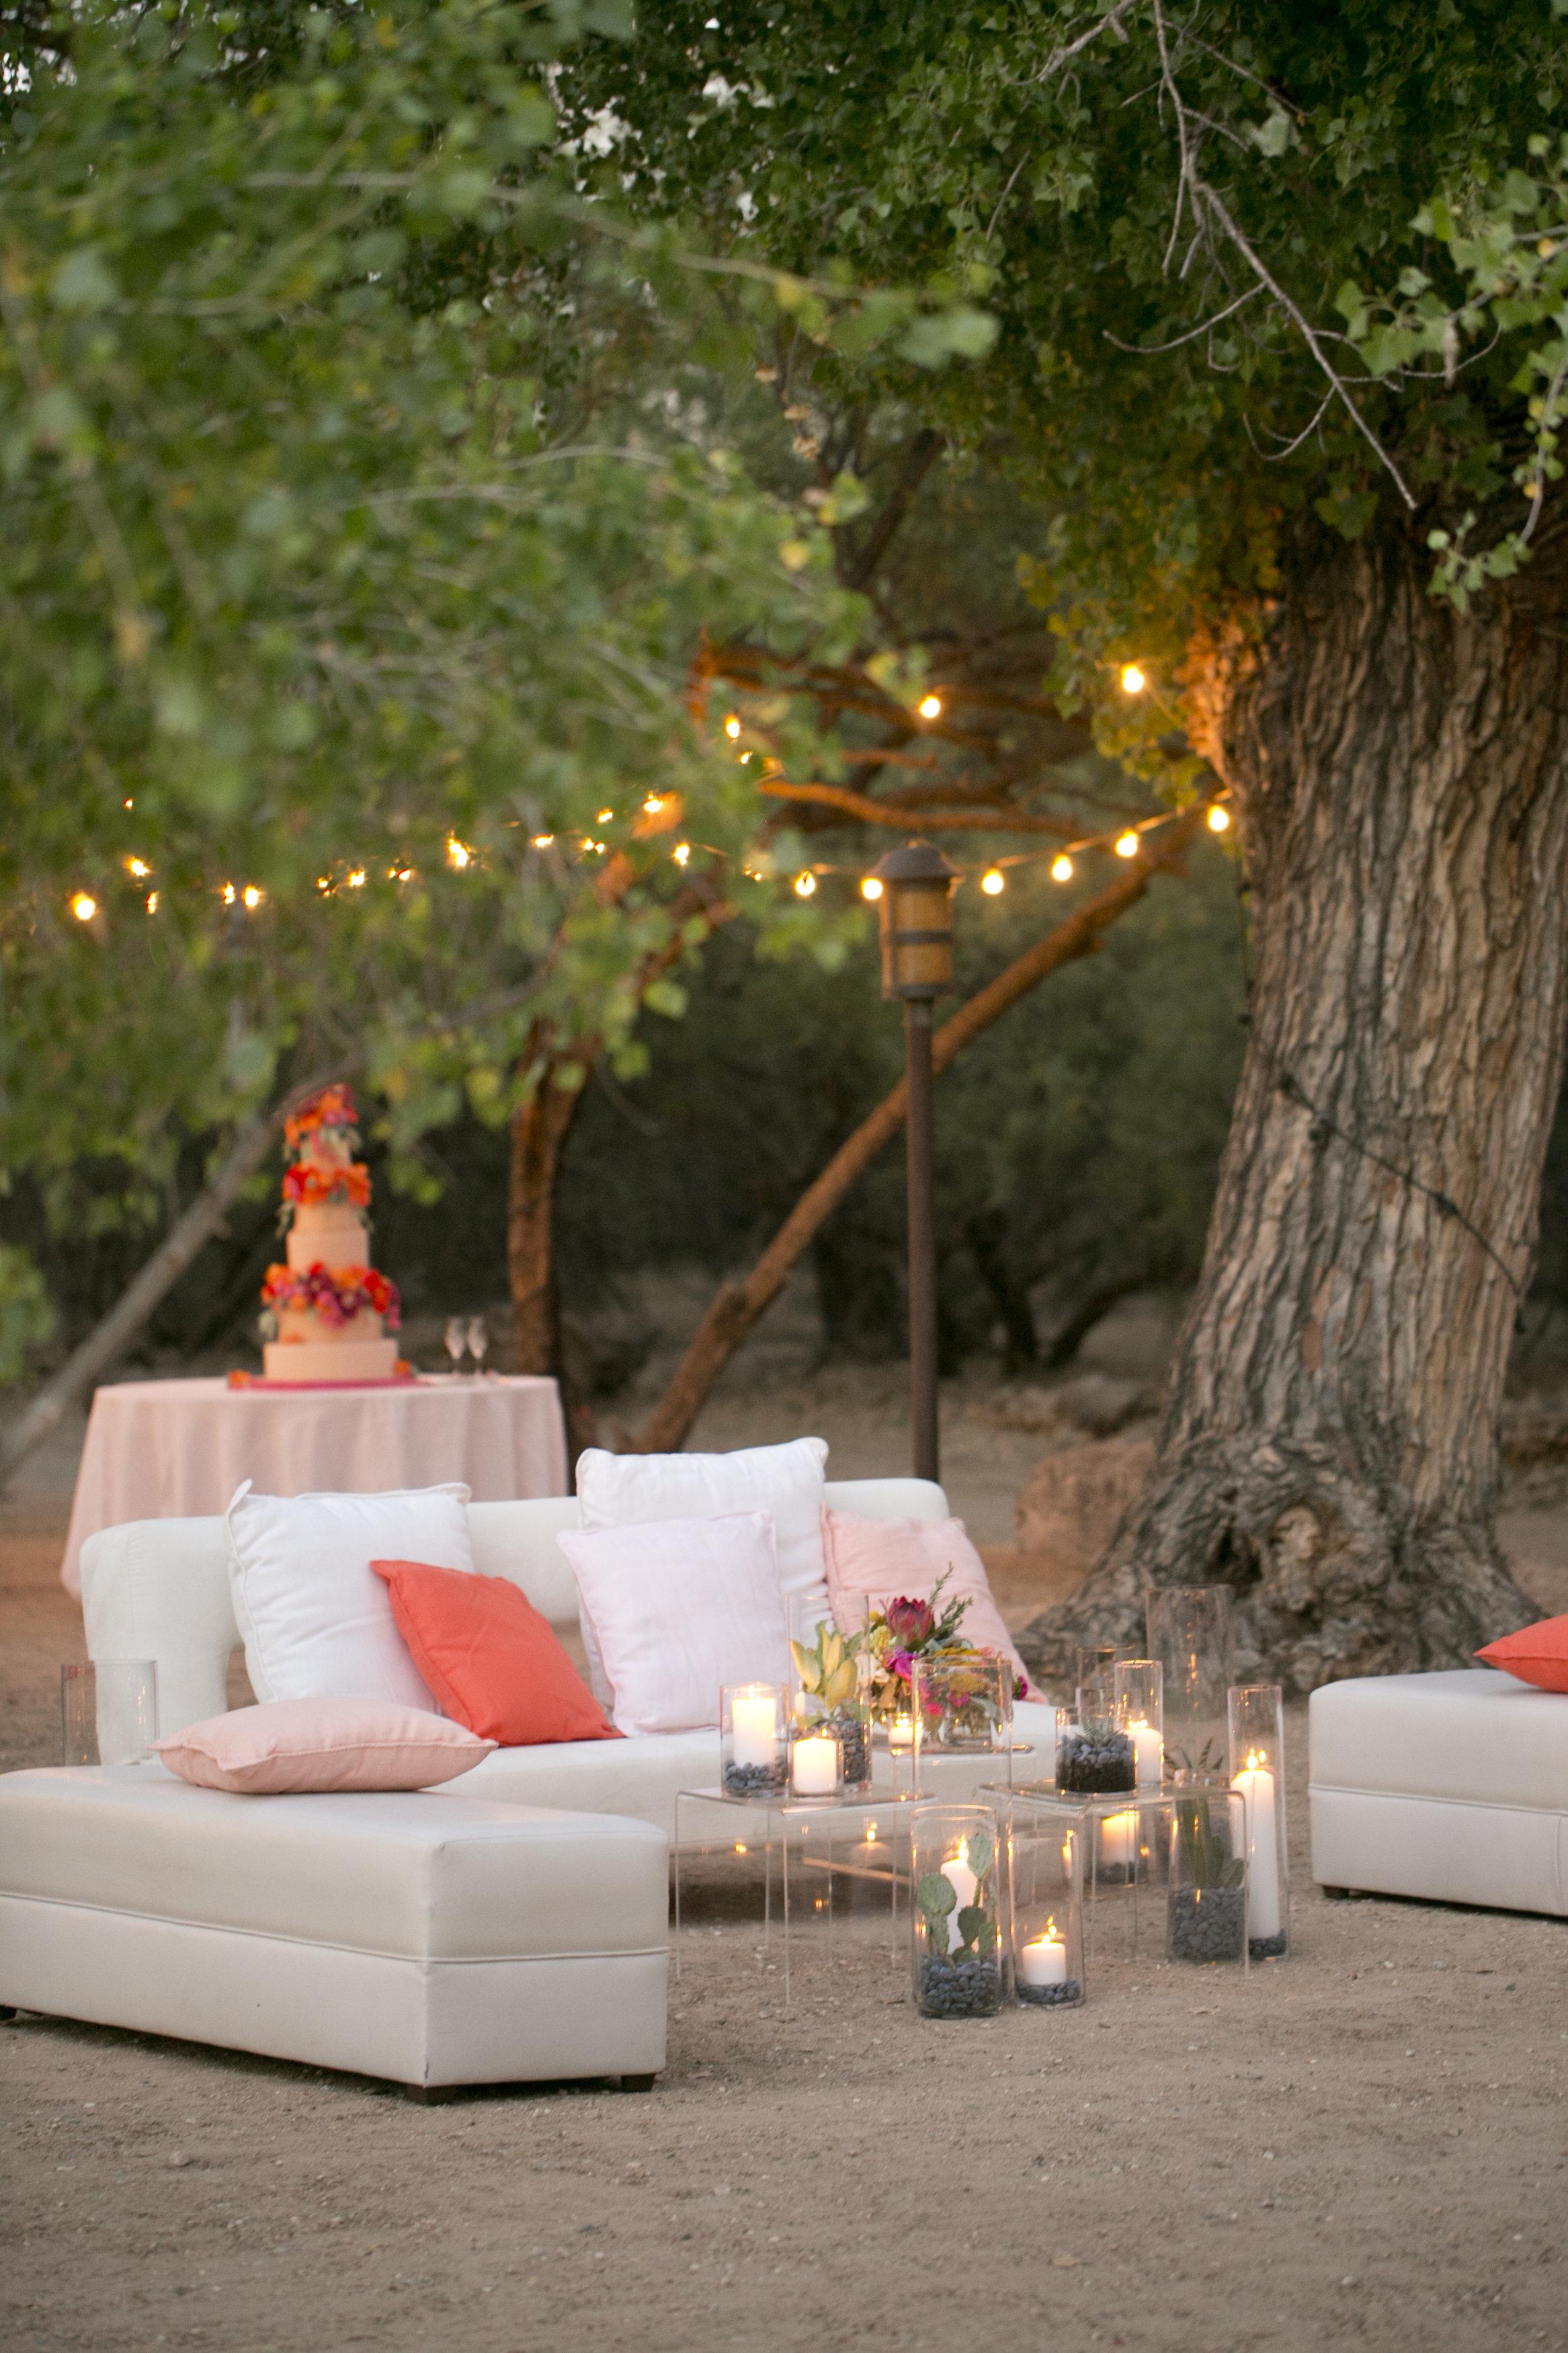 Ceci_New_York_Ceci_Style_Ceci_Johnson_Luxury_Lifestyle_Arizona_Wedding_Watercolor_Inspiration_Design_Custom_Couture_Personalized_Invitations_173.jpg